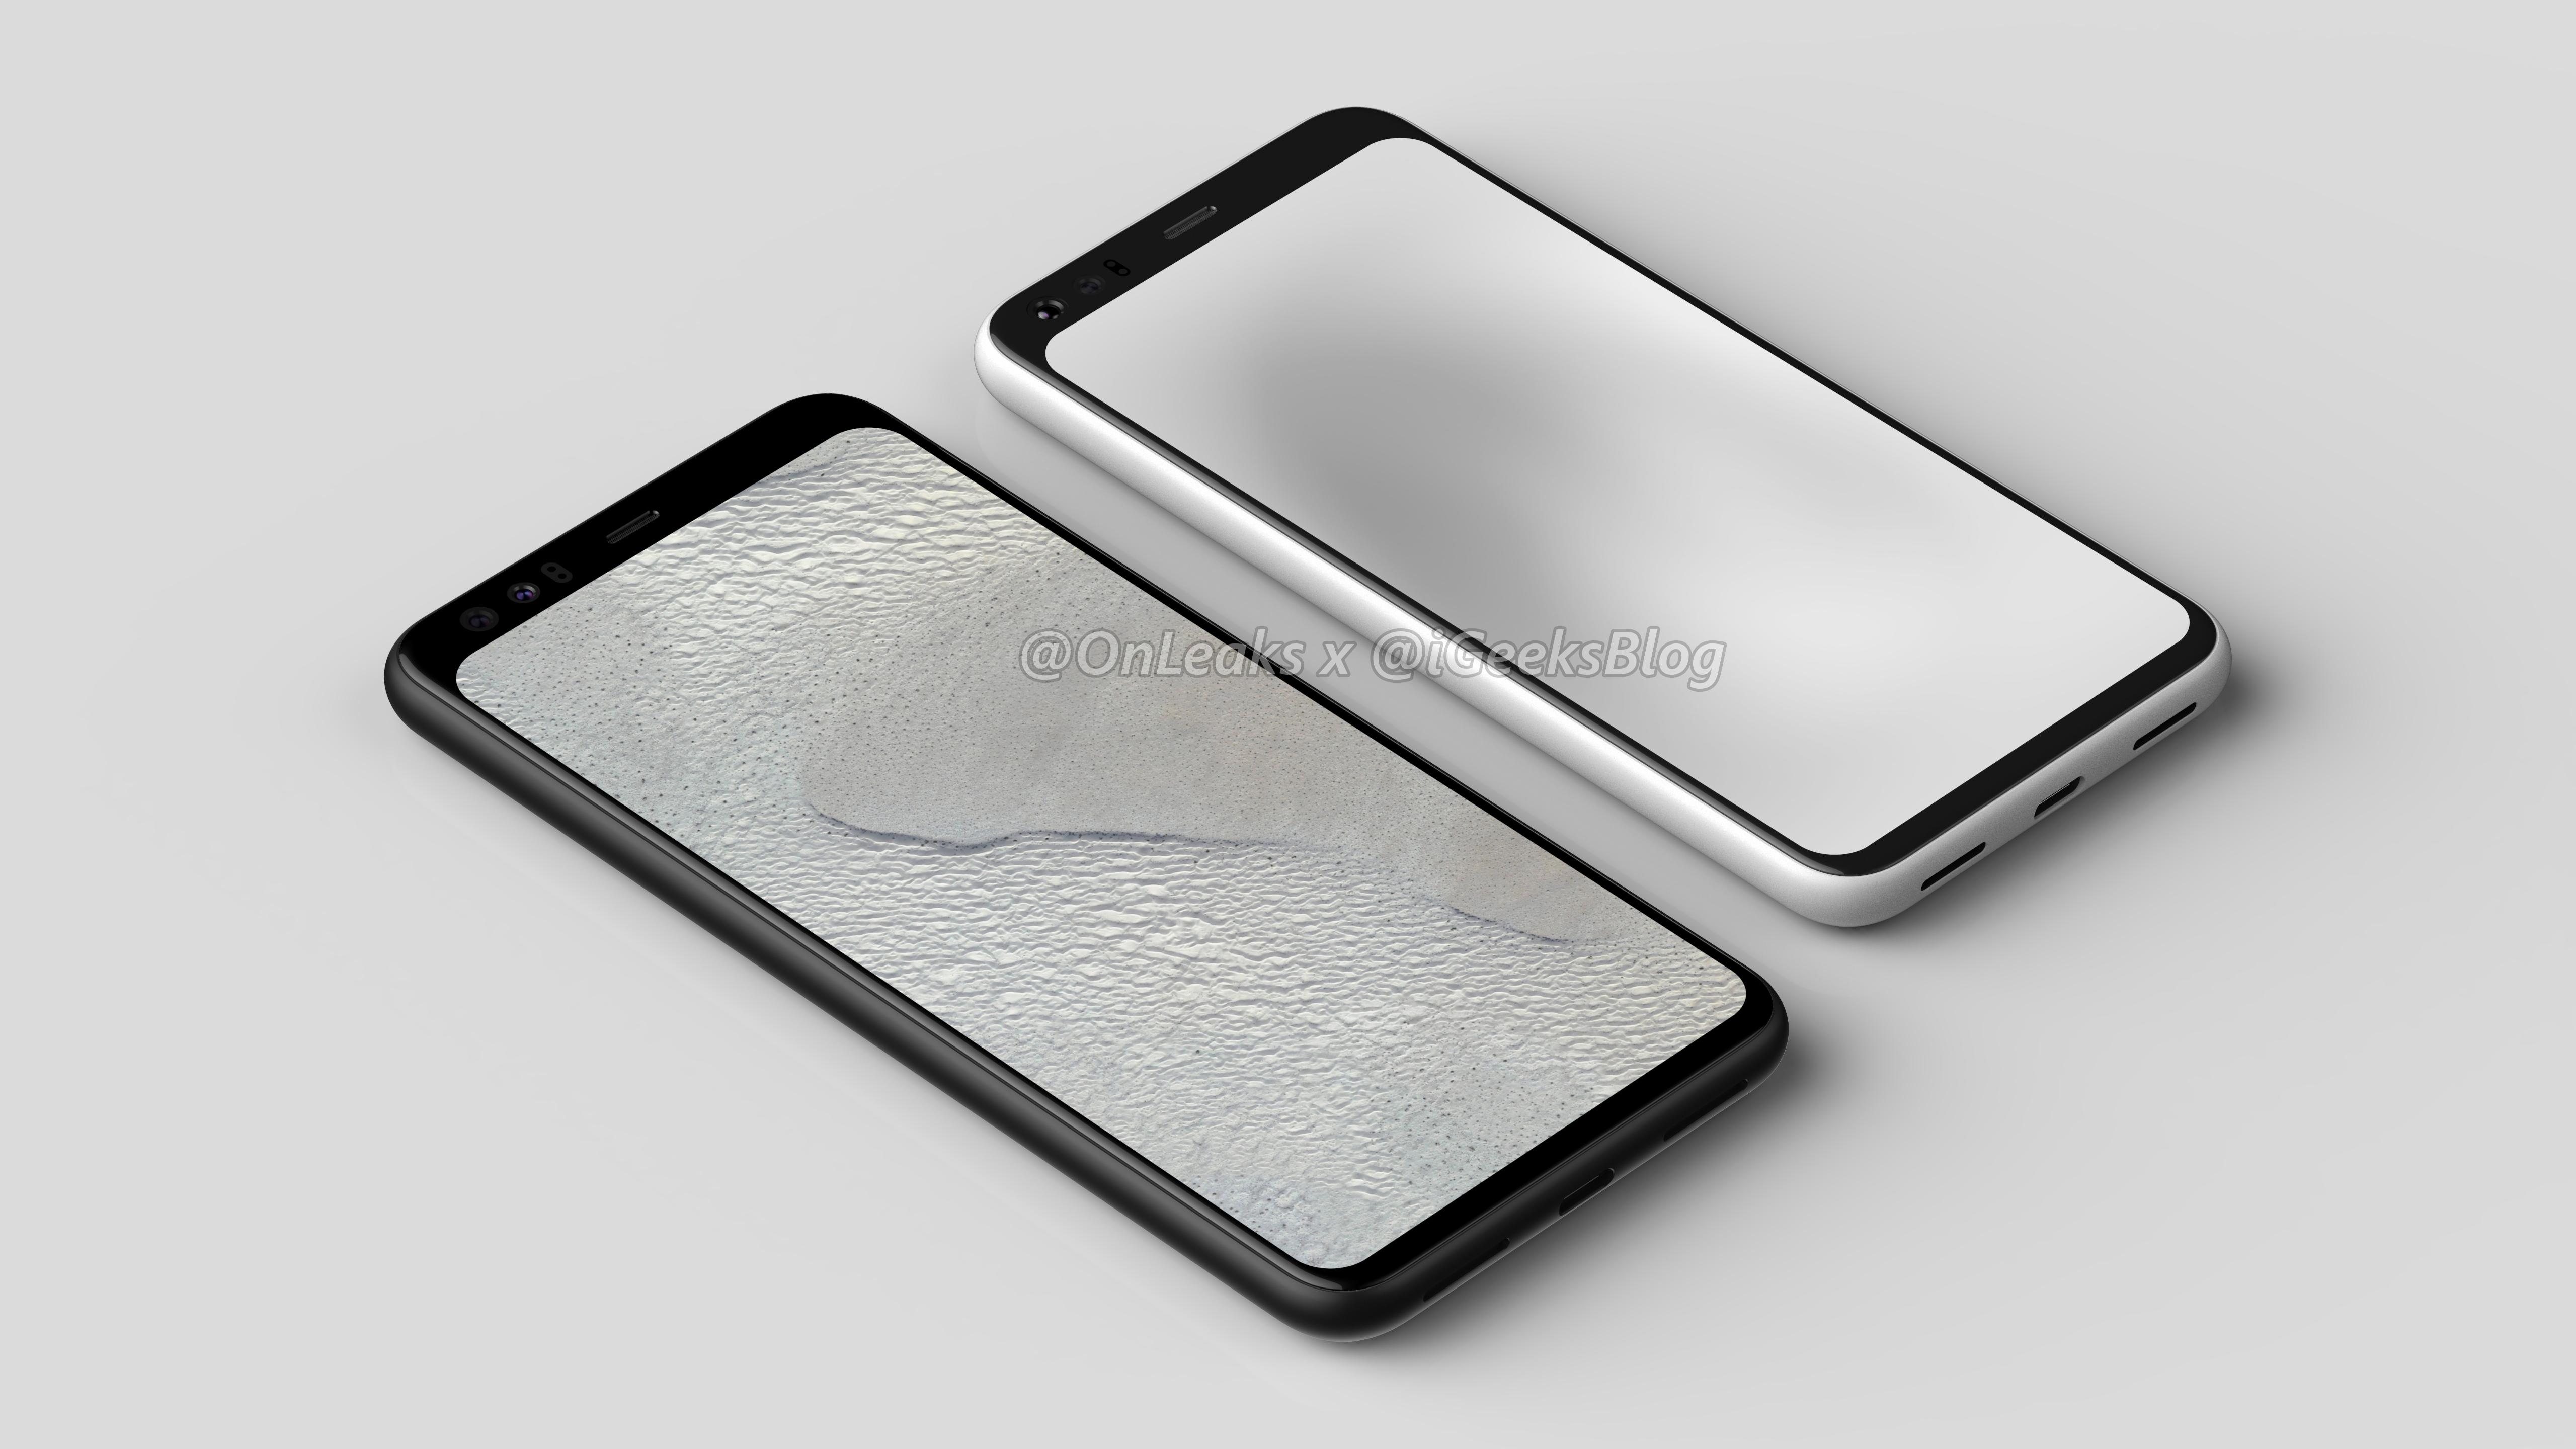 Google Pixel 4 rendery kiedy premiera specyfikacja techniczna wycieki plotki przecieki opinie Onleaks Face ID iPhone rozpoznawanie twarzy